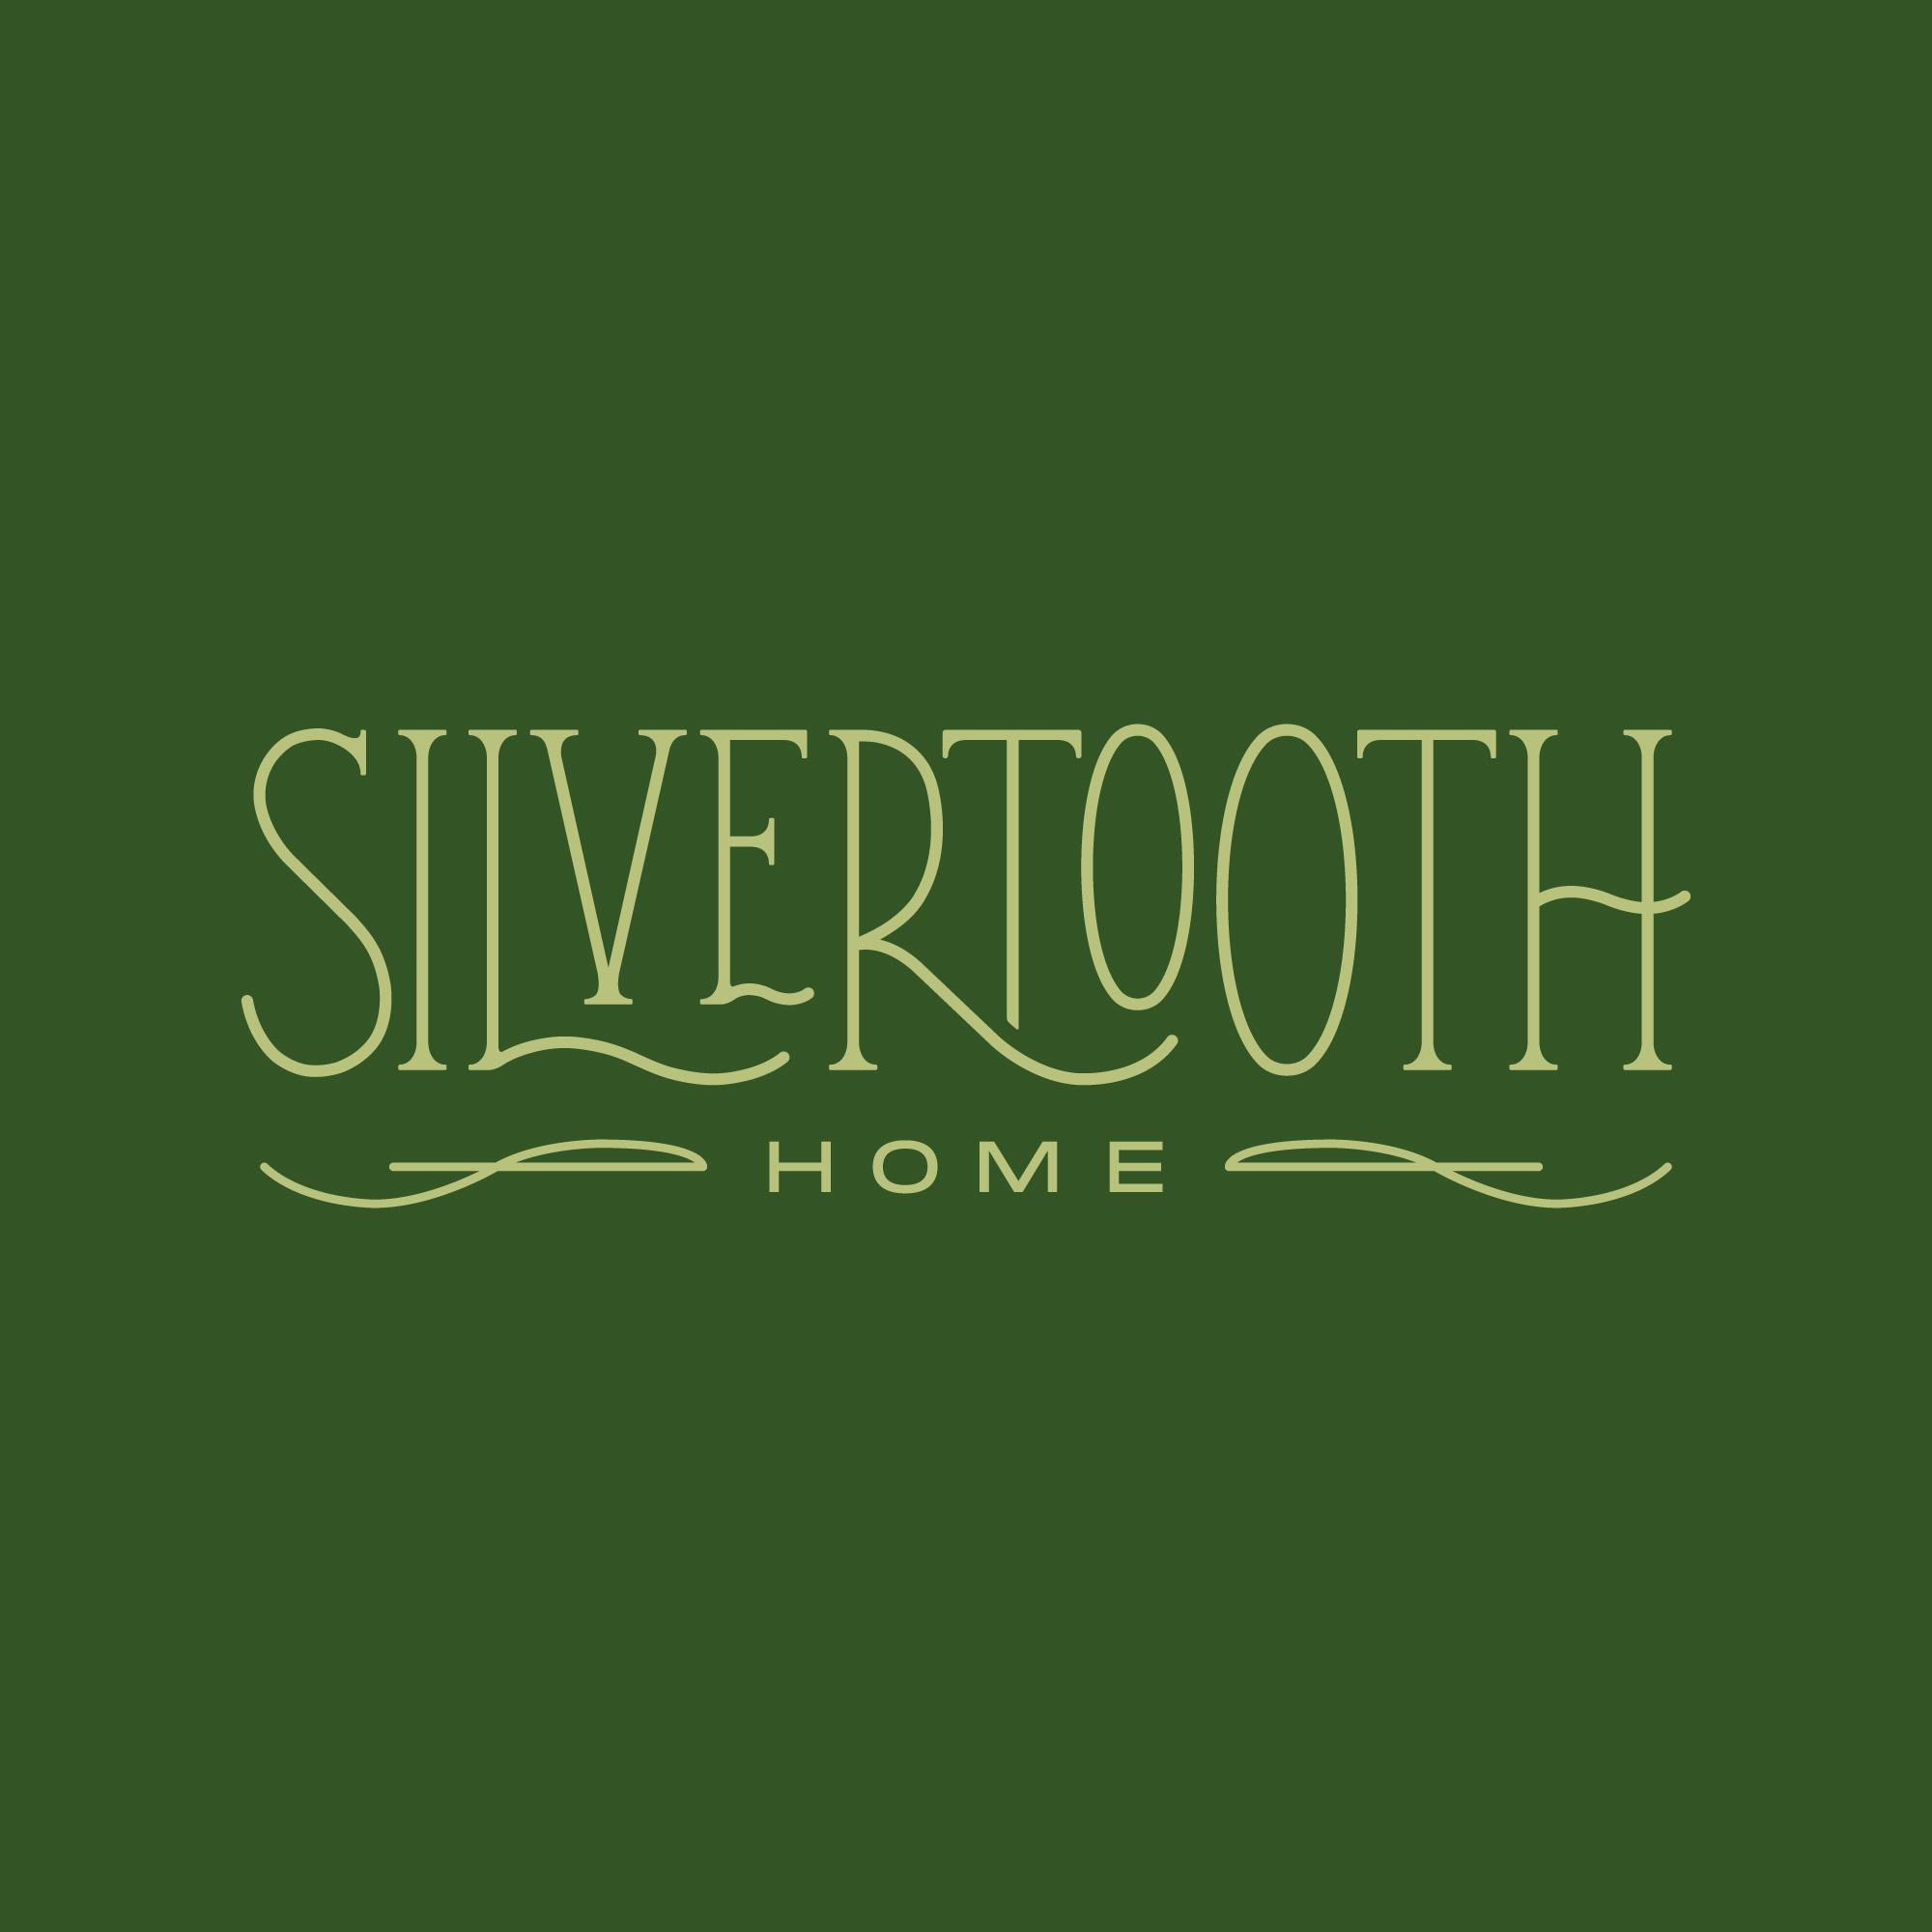 Silvertooth-Home_Logo_Social_Final-1